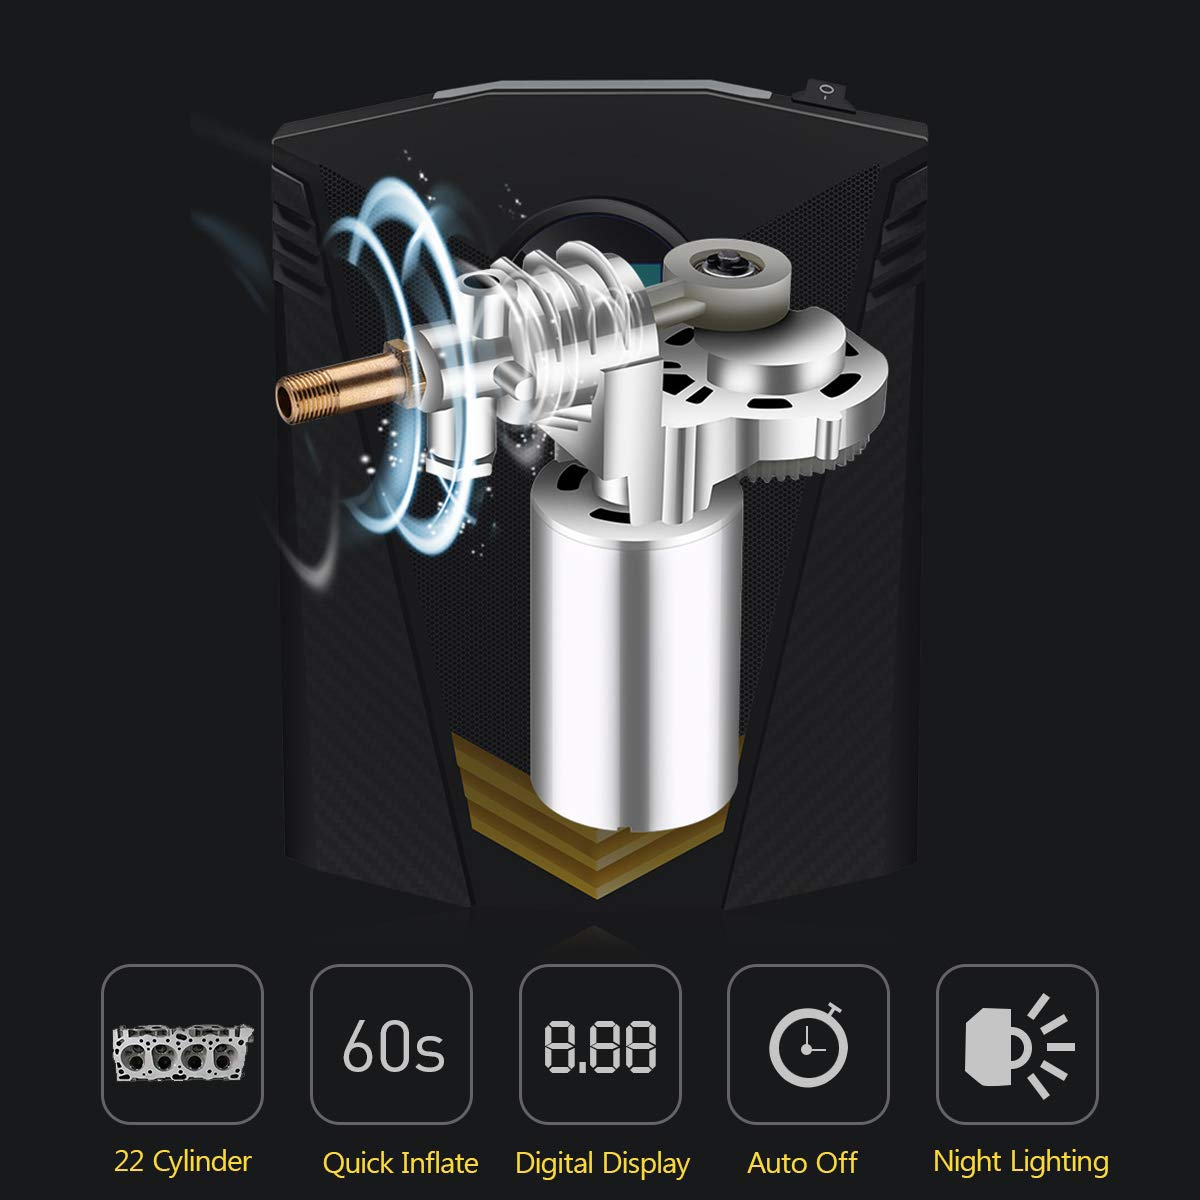 B/älle und andere Schlauchboote,19Cylinder Digitaler Reifenf/üller Fahrr/äder Motorr/äder tragbarer Luftkompressor 12V 150 PSI Autoreifenpumpe mit 4 Hellen LEDs und 3 Ventiladaptern f/ür Autos